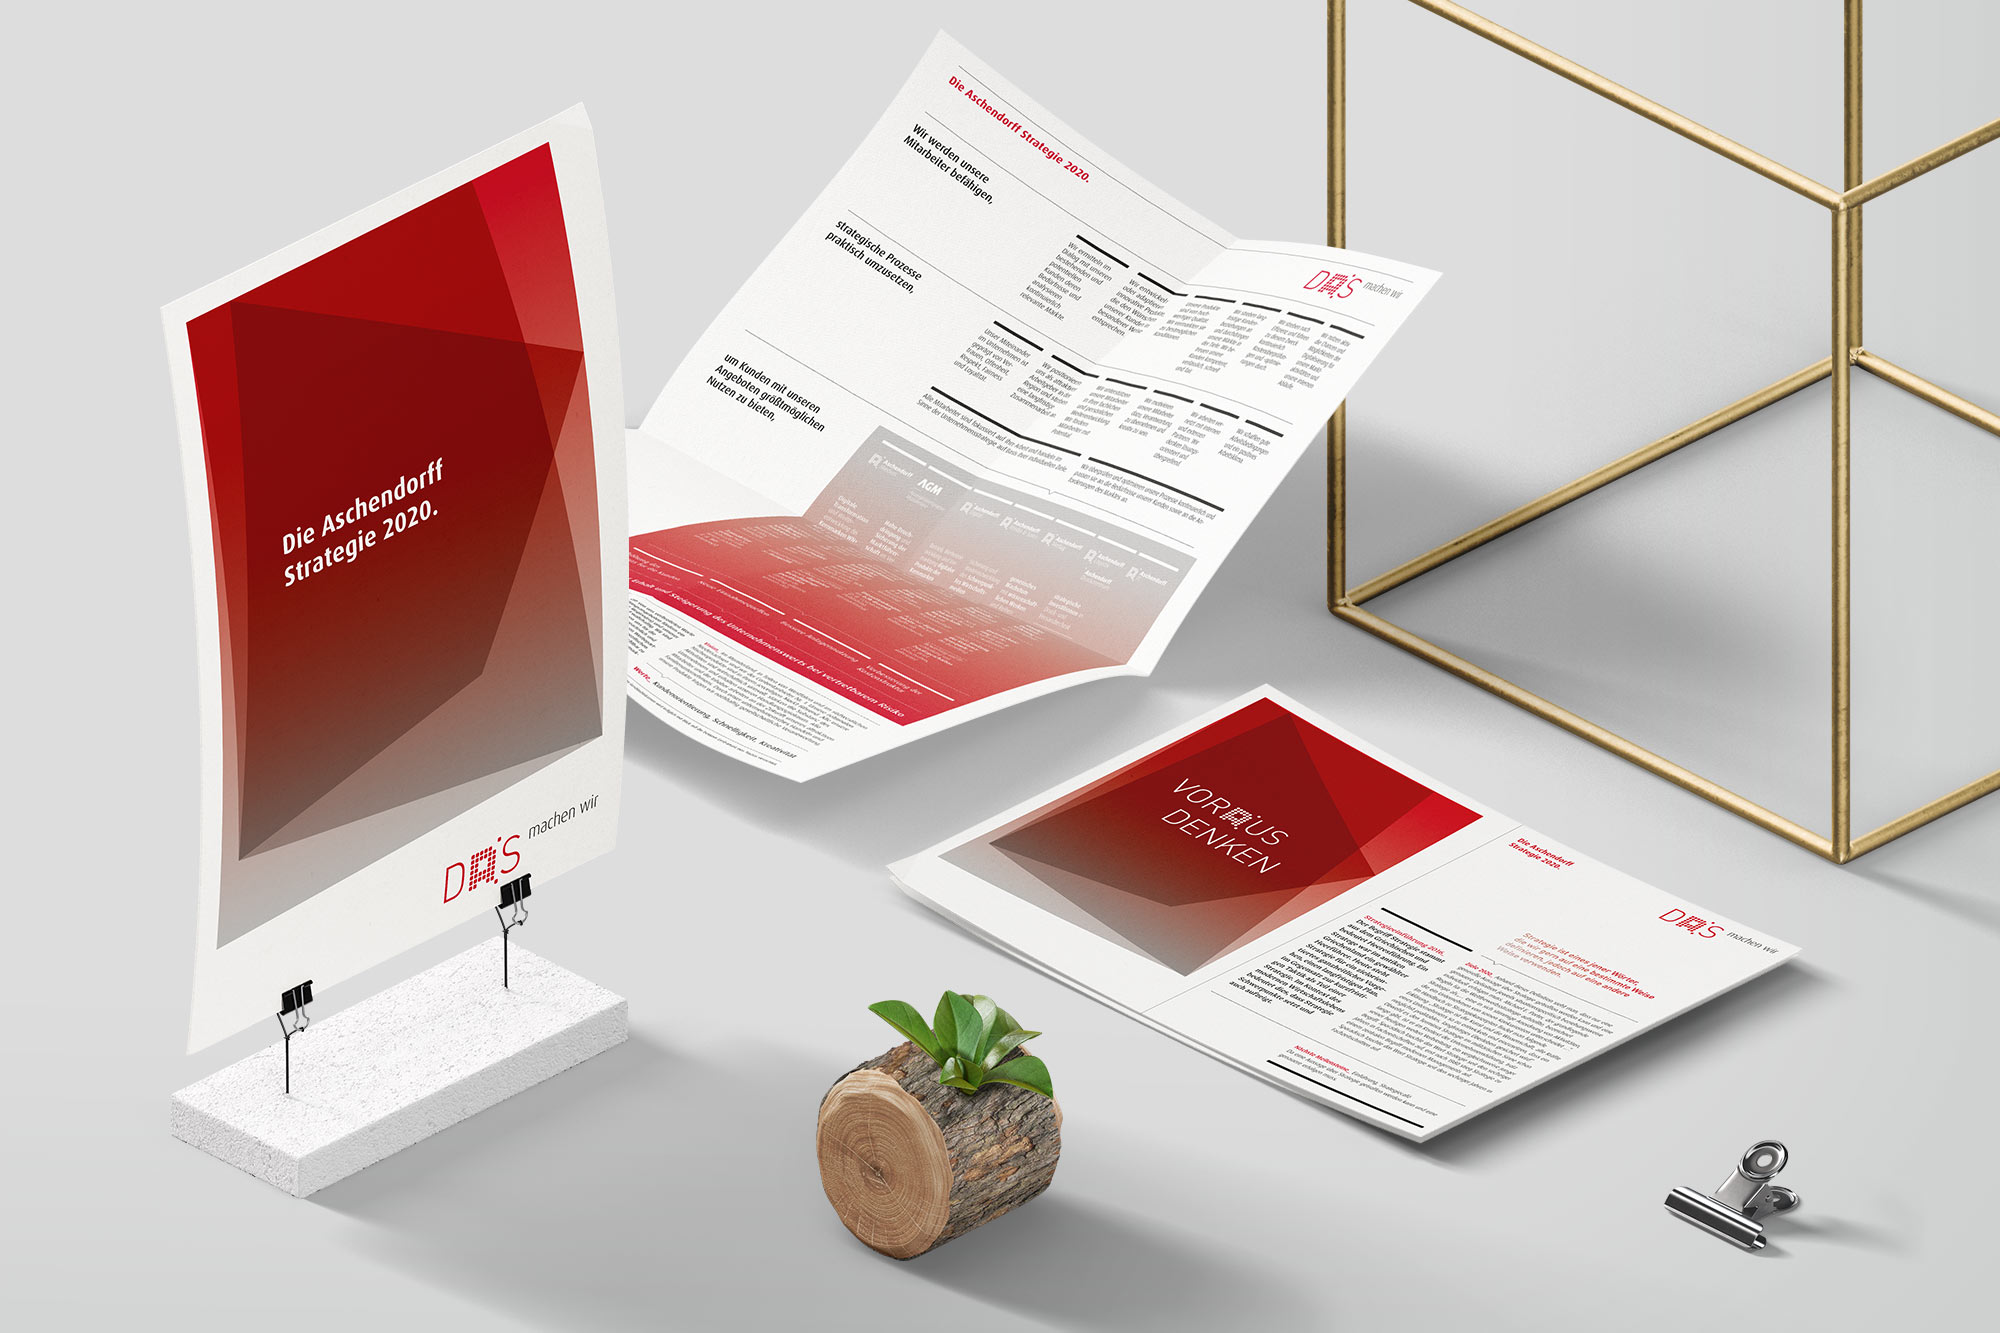 Aschendorff Strategie Paper